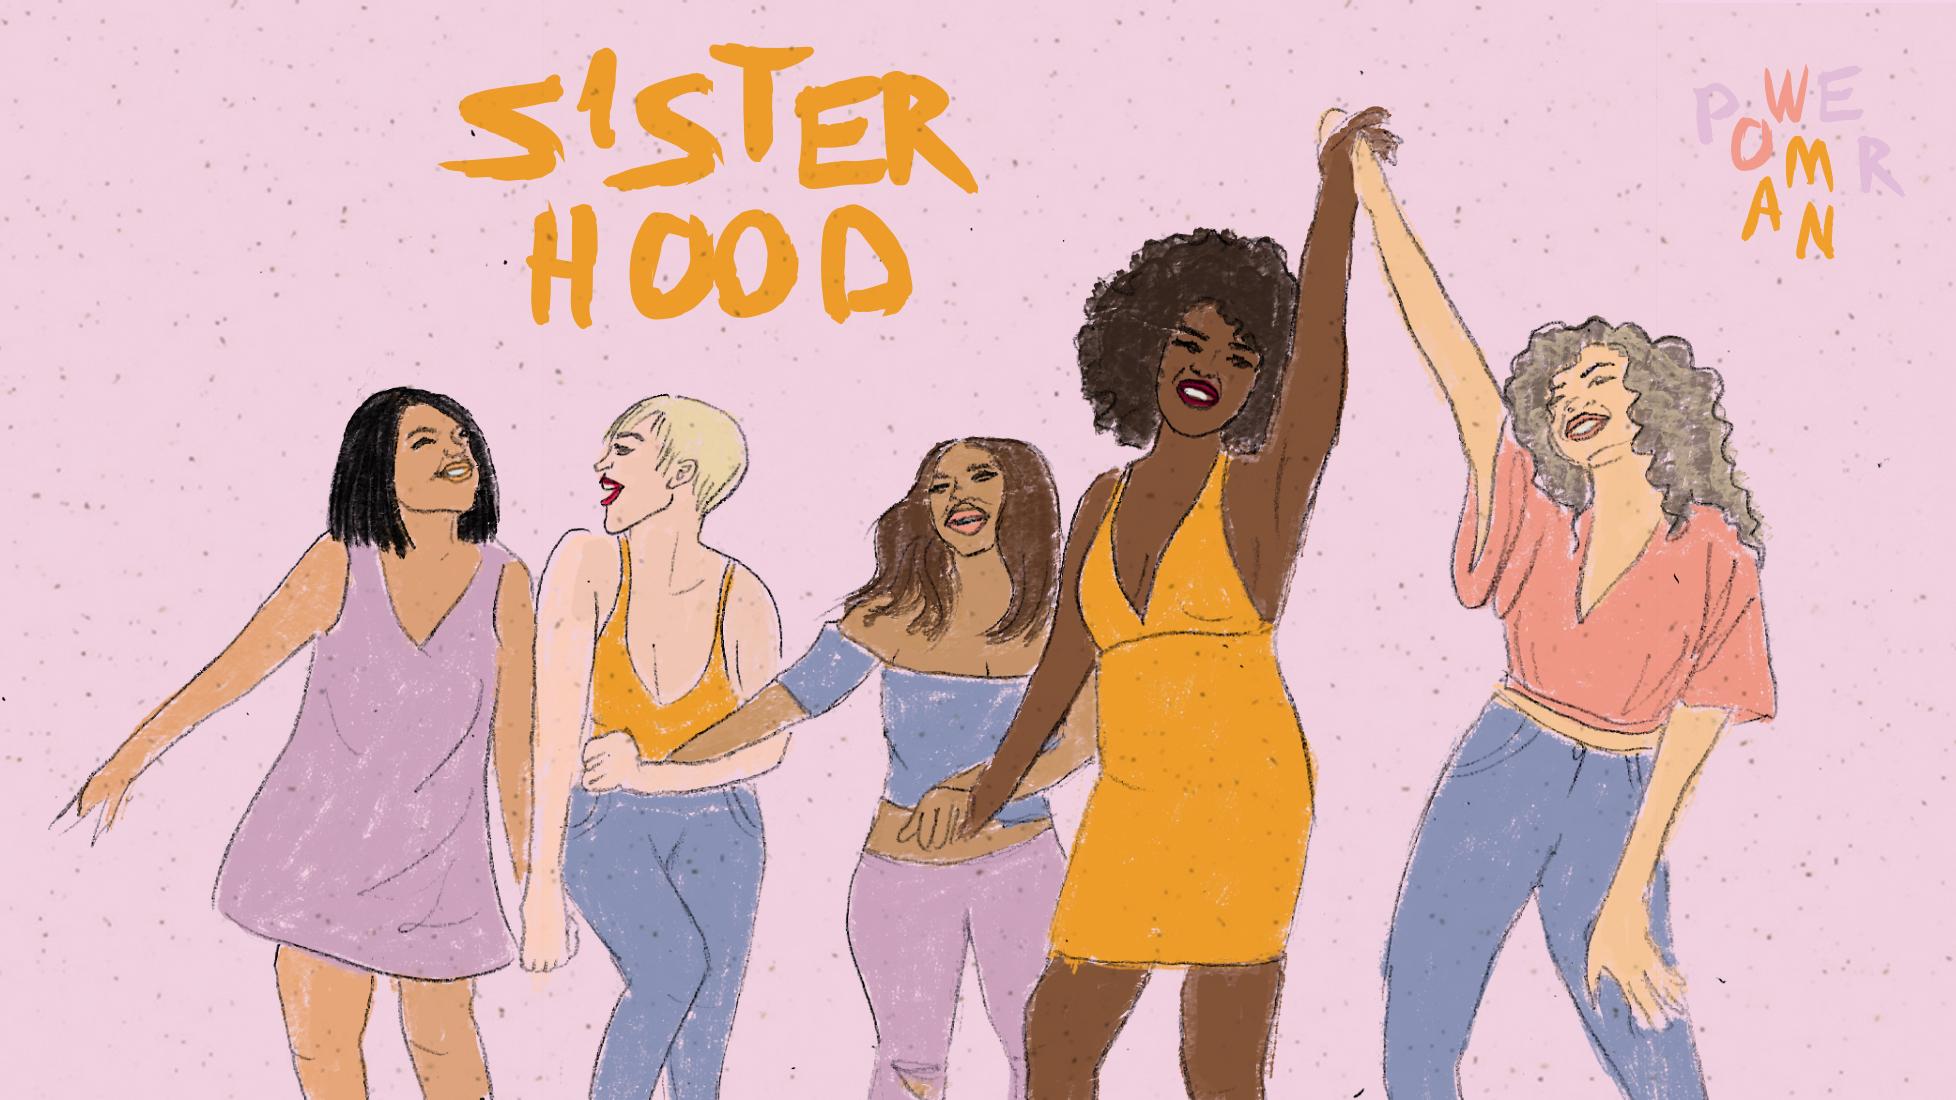 sisterhoodbywomanpower